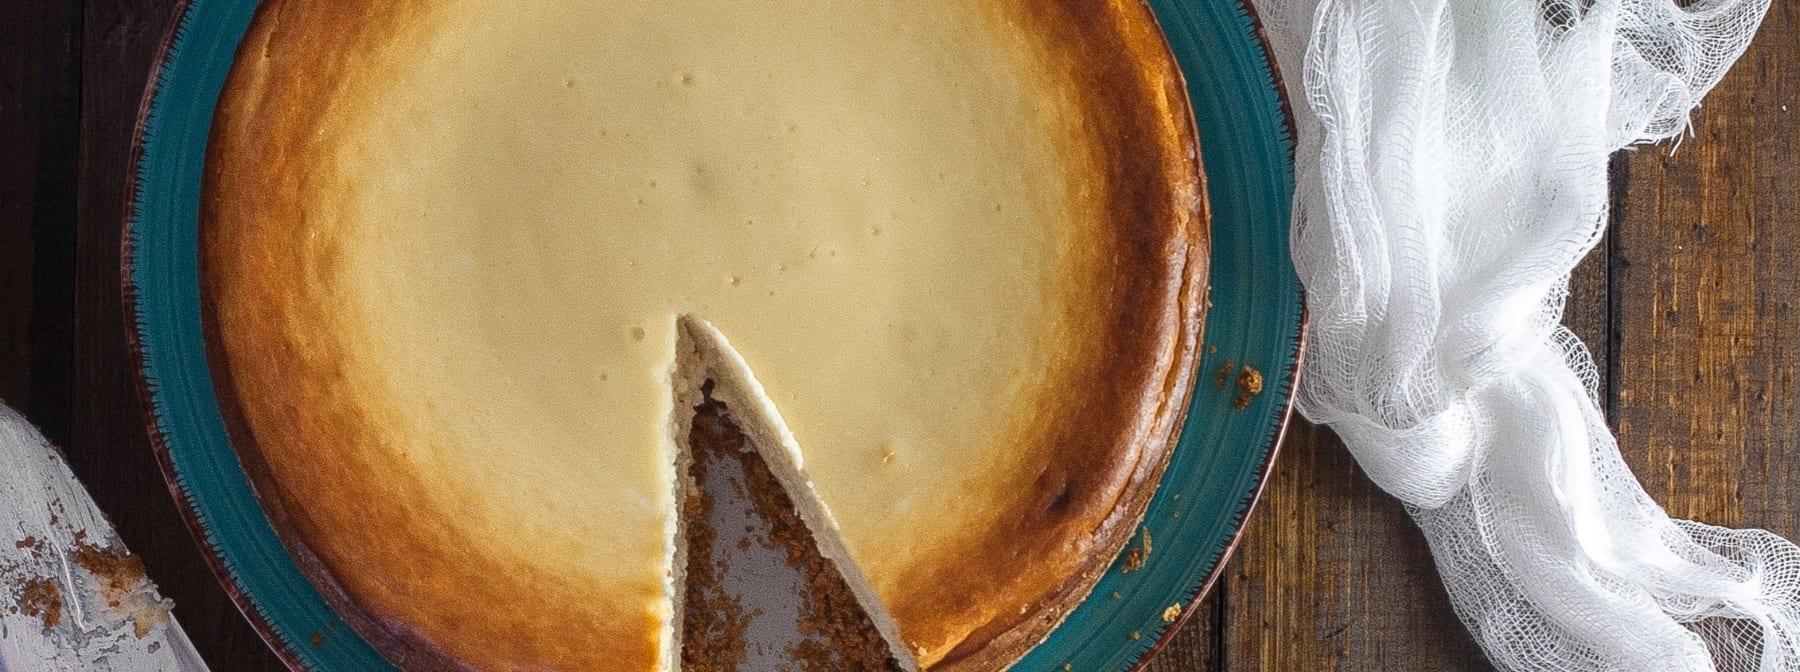 Sernik z odżywką białkową | Ciesz się słodkością bez wyrzutów sumienia